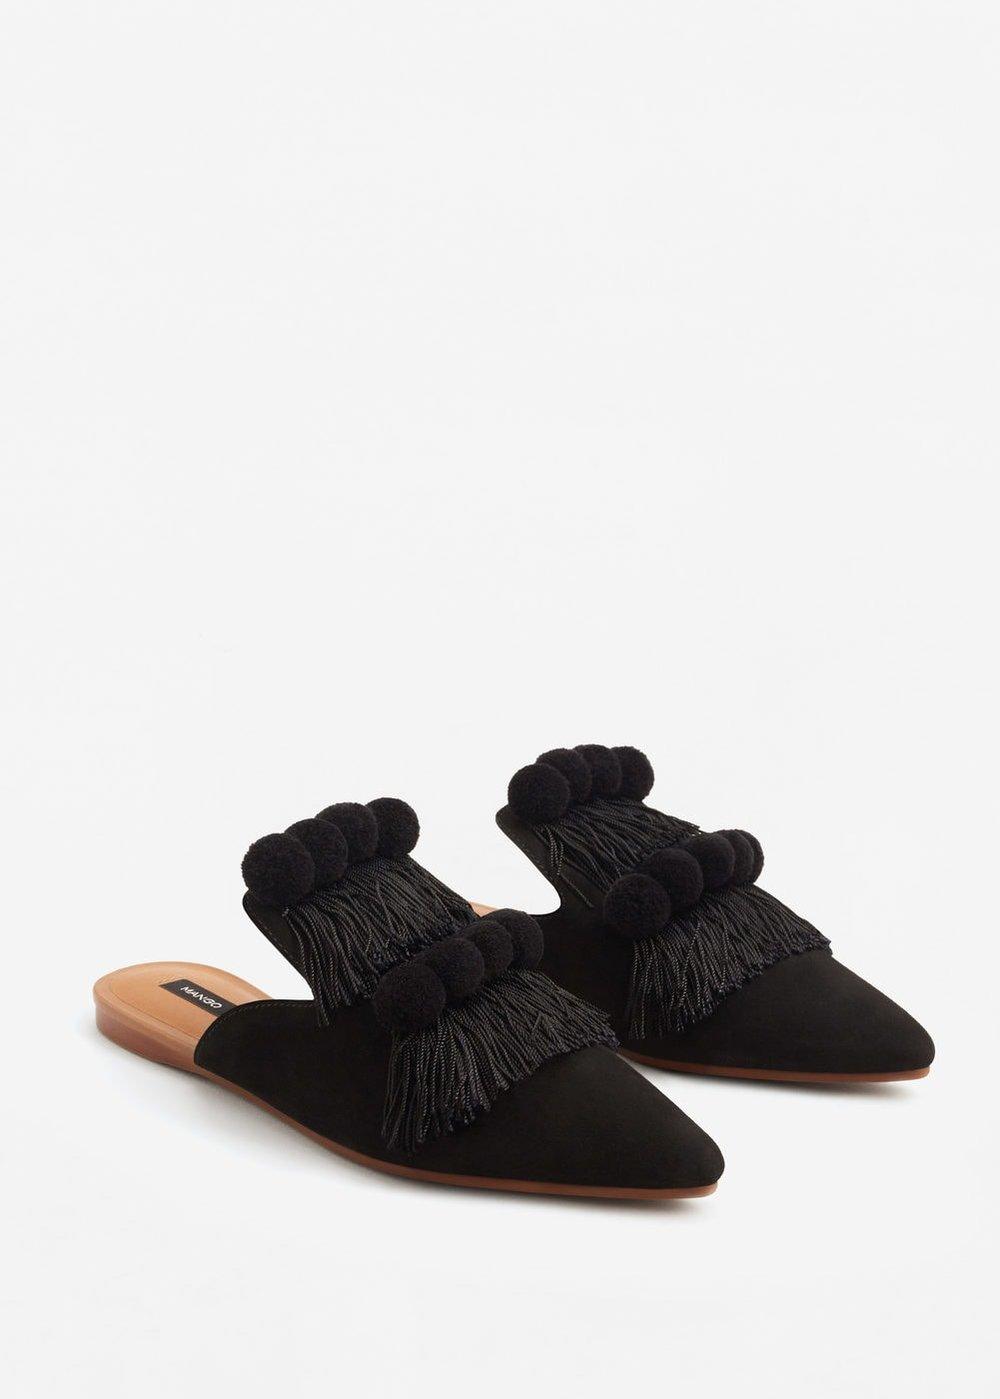 Ph: Mango, Fringed Leather Slide